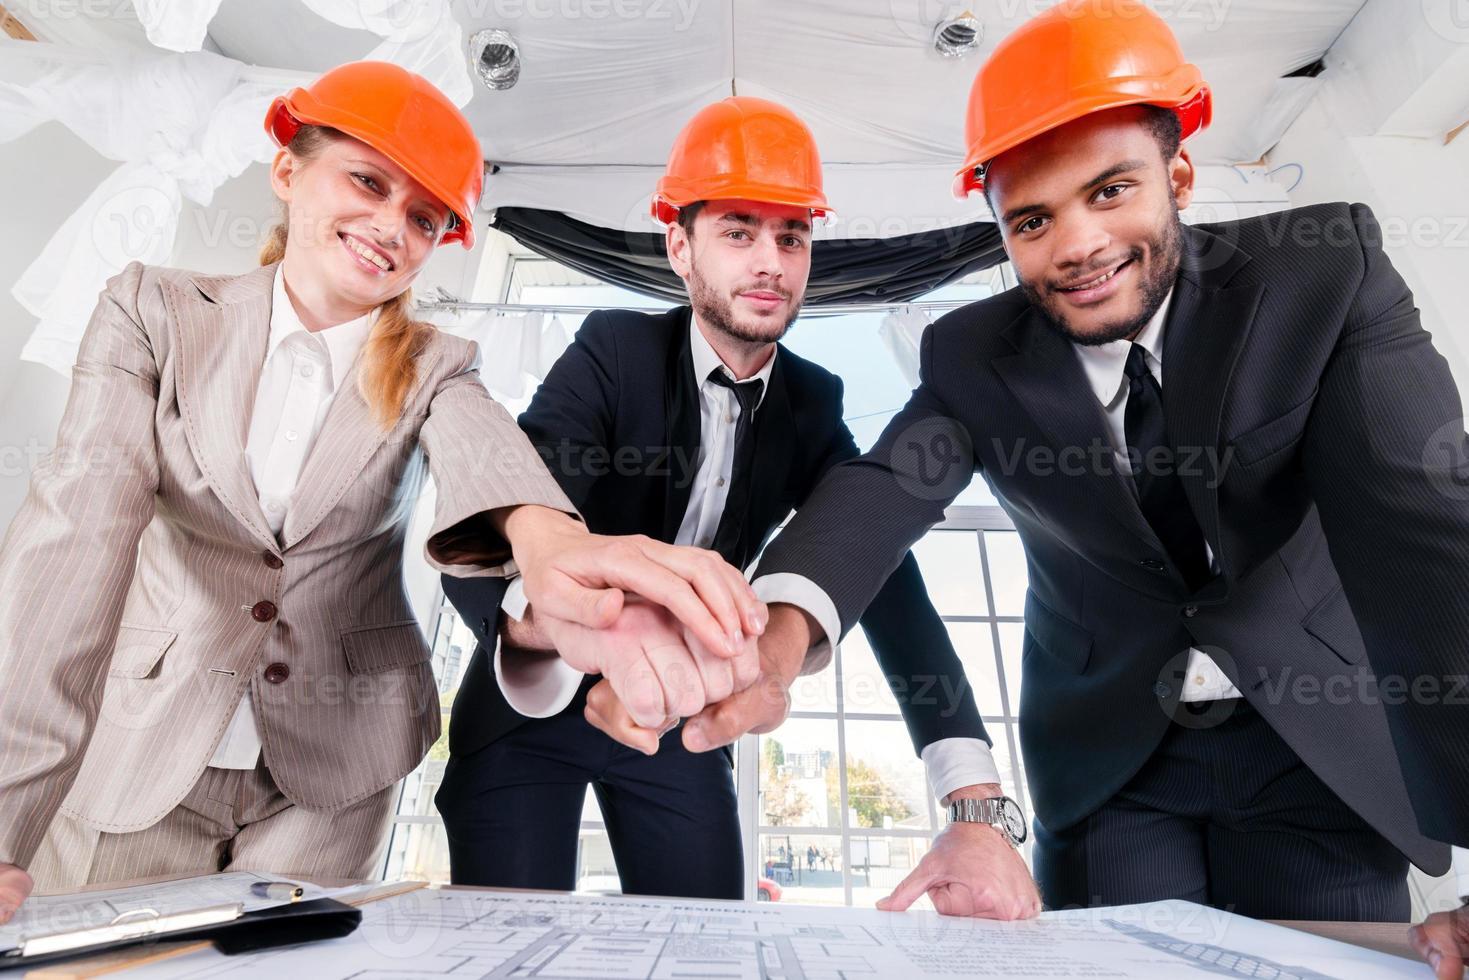 arkitekter lagt hand på händer. tre affärsmän arkitekten träffades foto